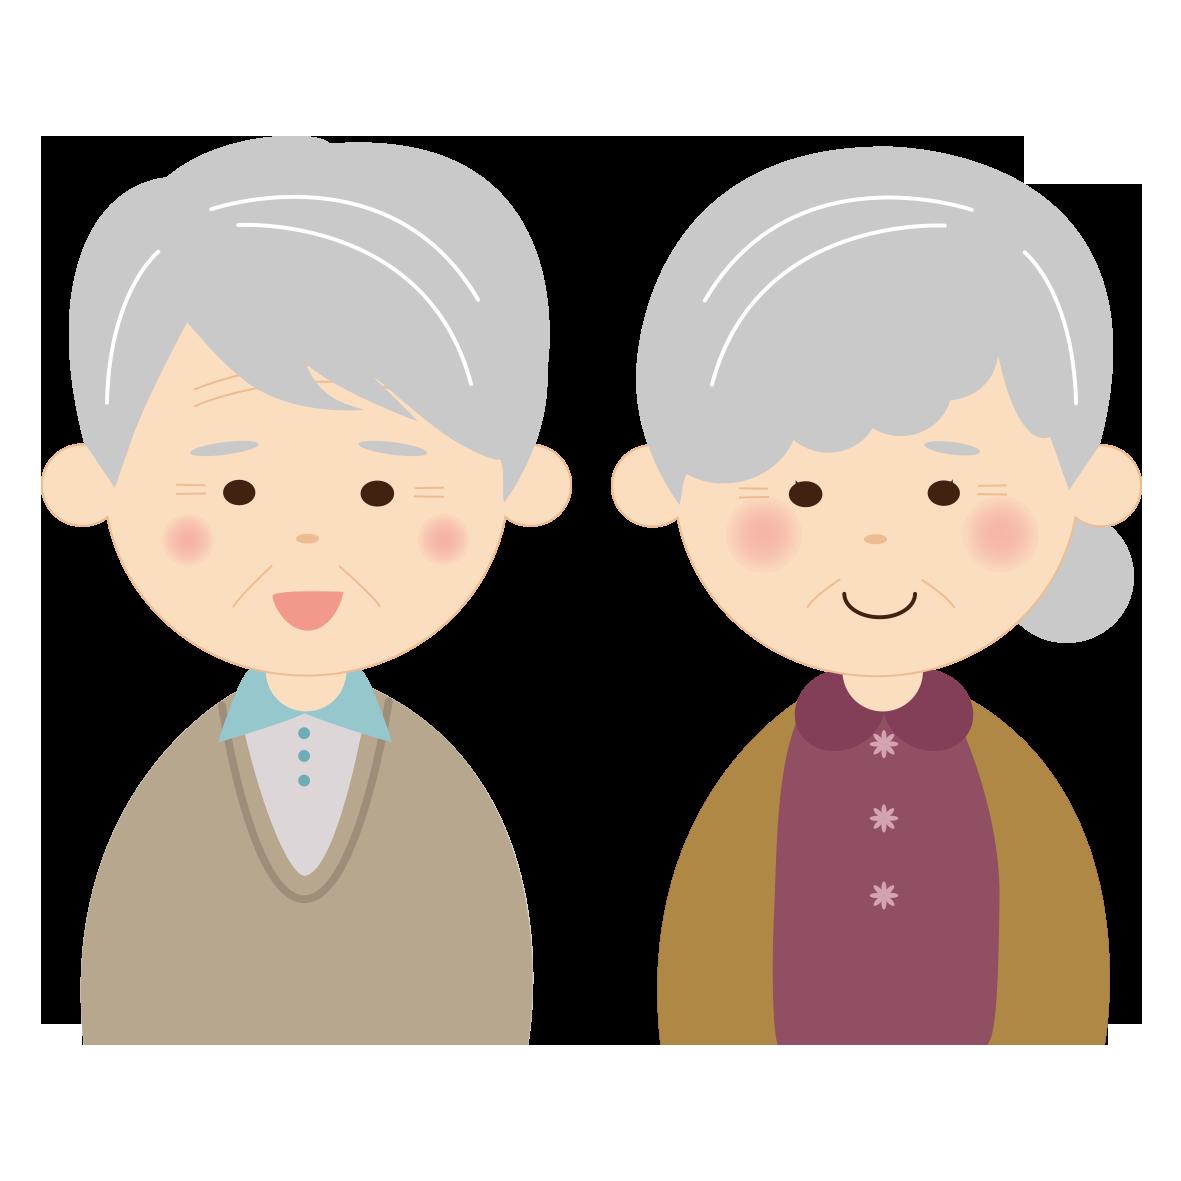 お年寄り」のイラスト一覧 - 無料イラスト愛